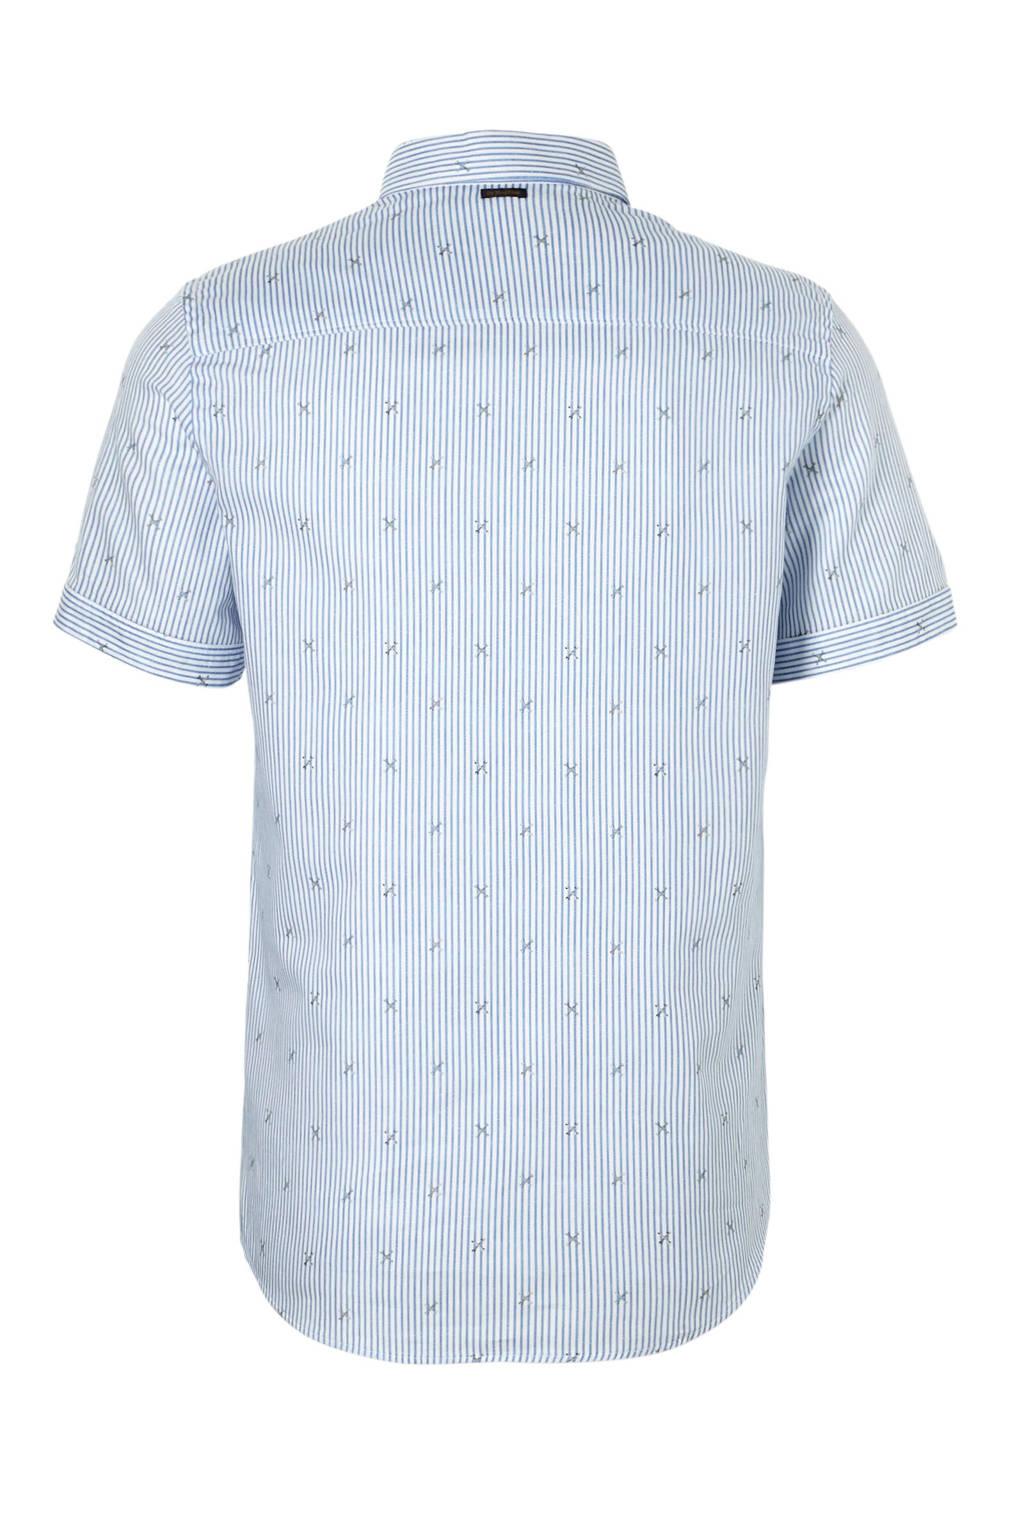 75f0fde45d6 Vanguard overhemd met allover print | wehkamp